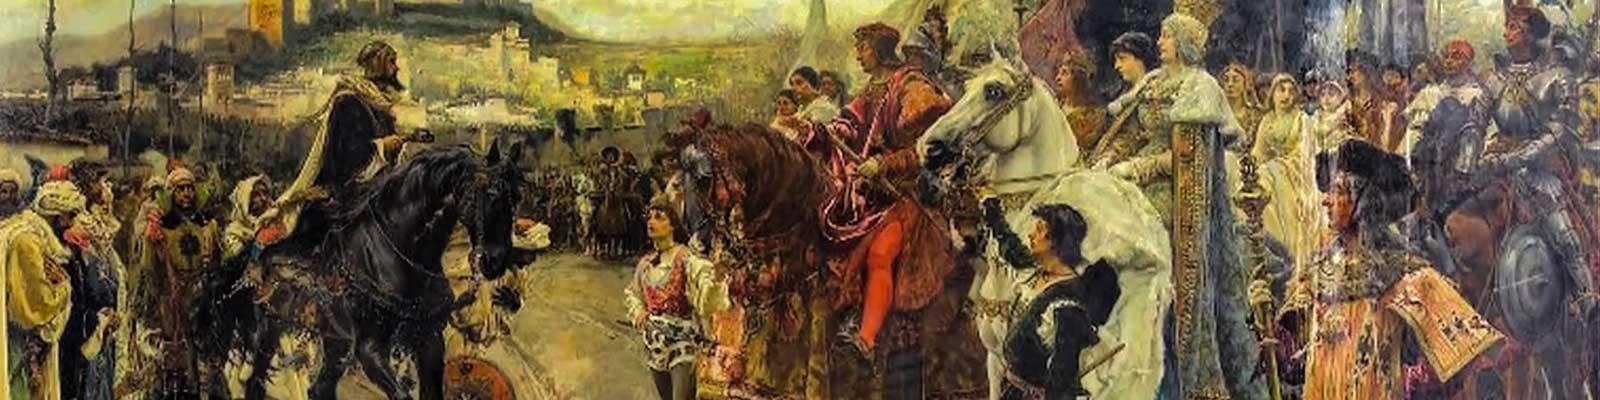 The Moors - Muslims in Spain - mrdowling com